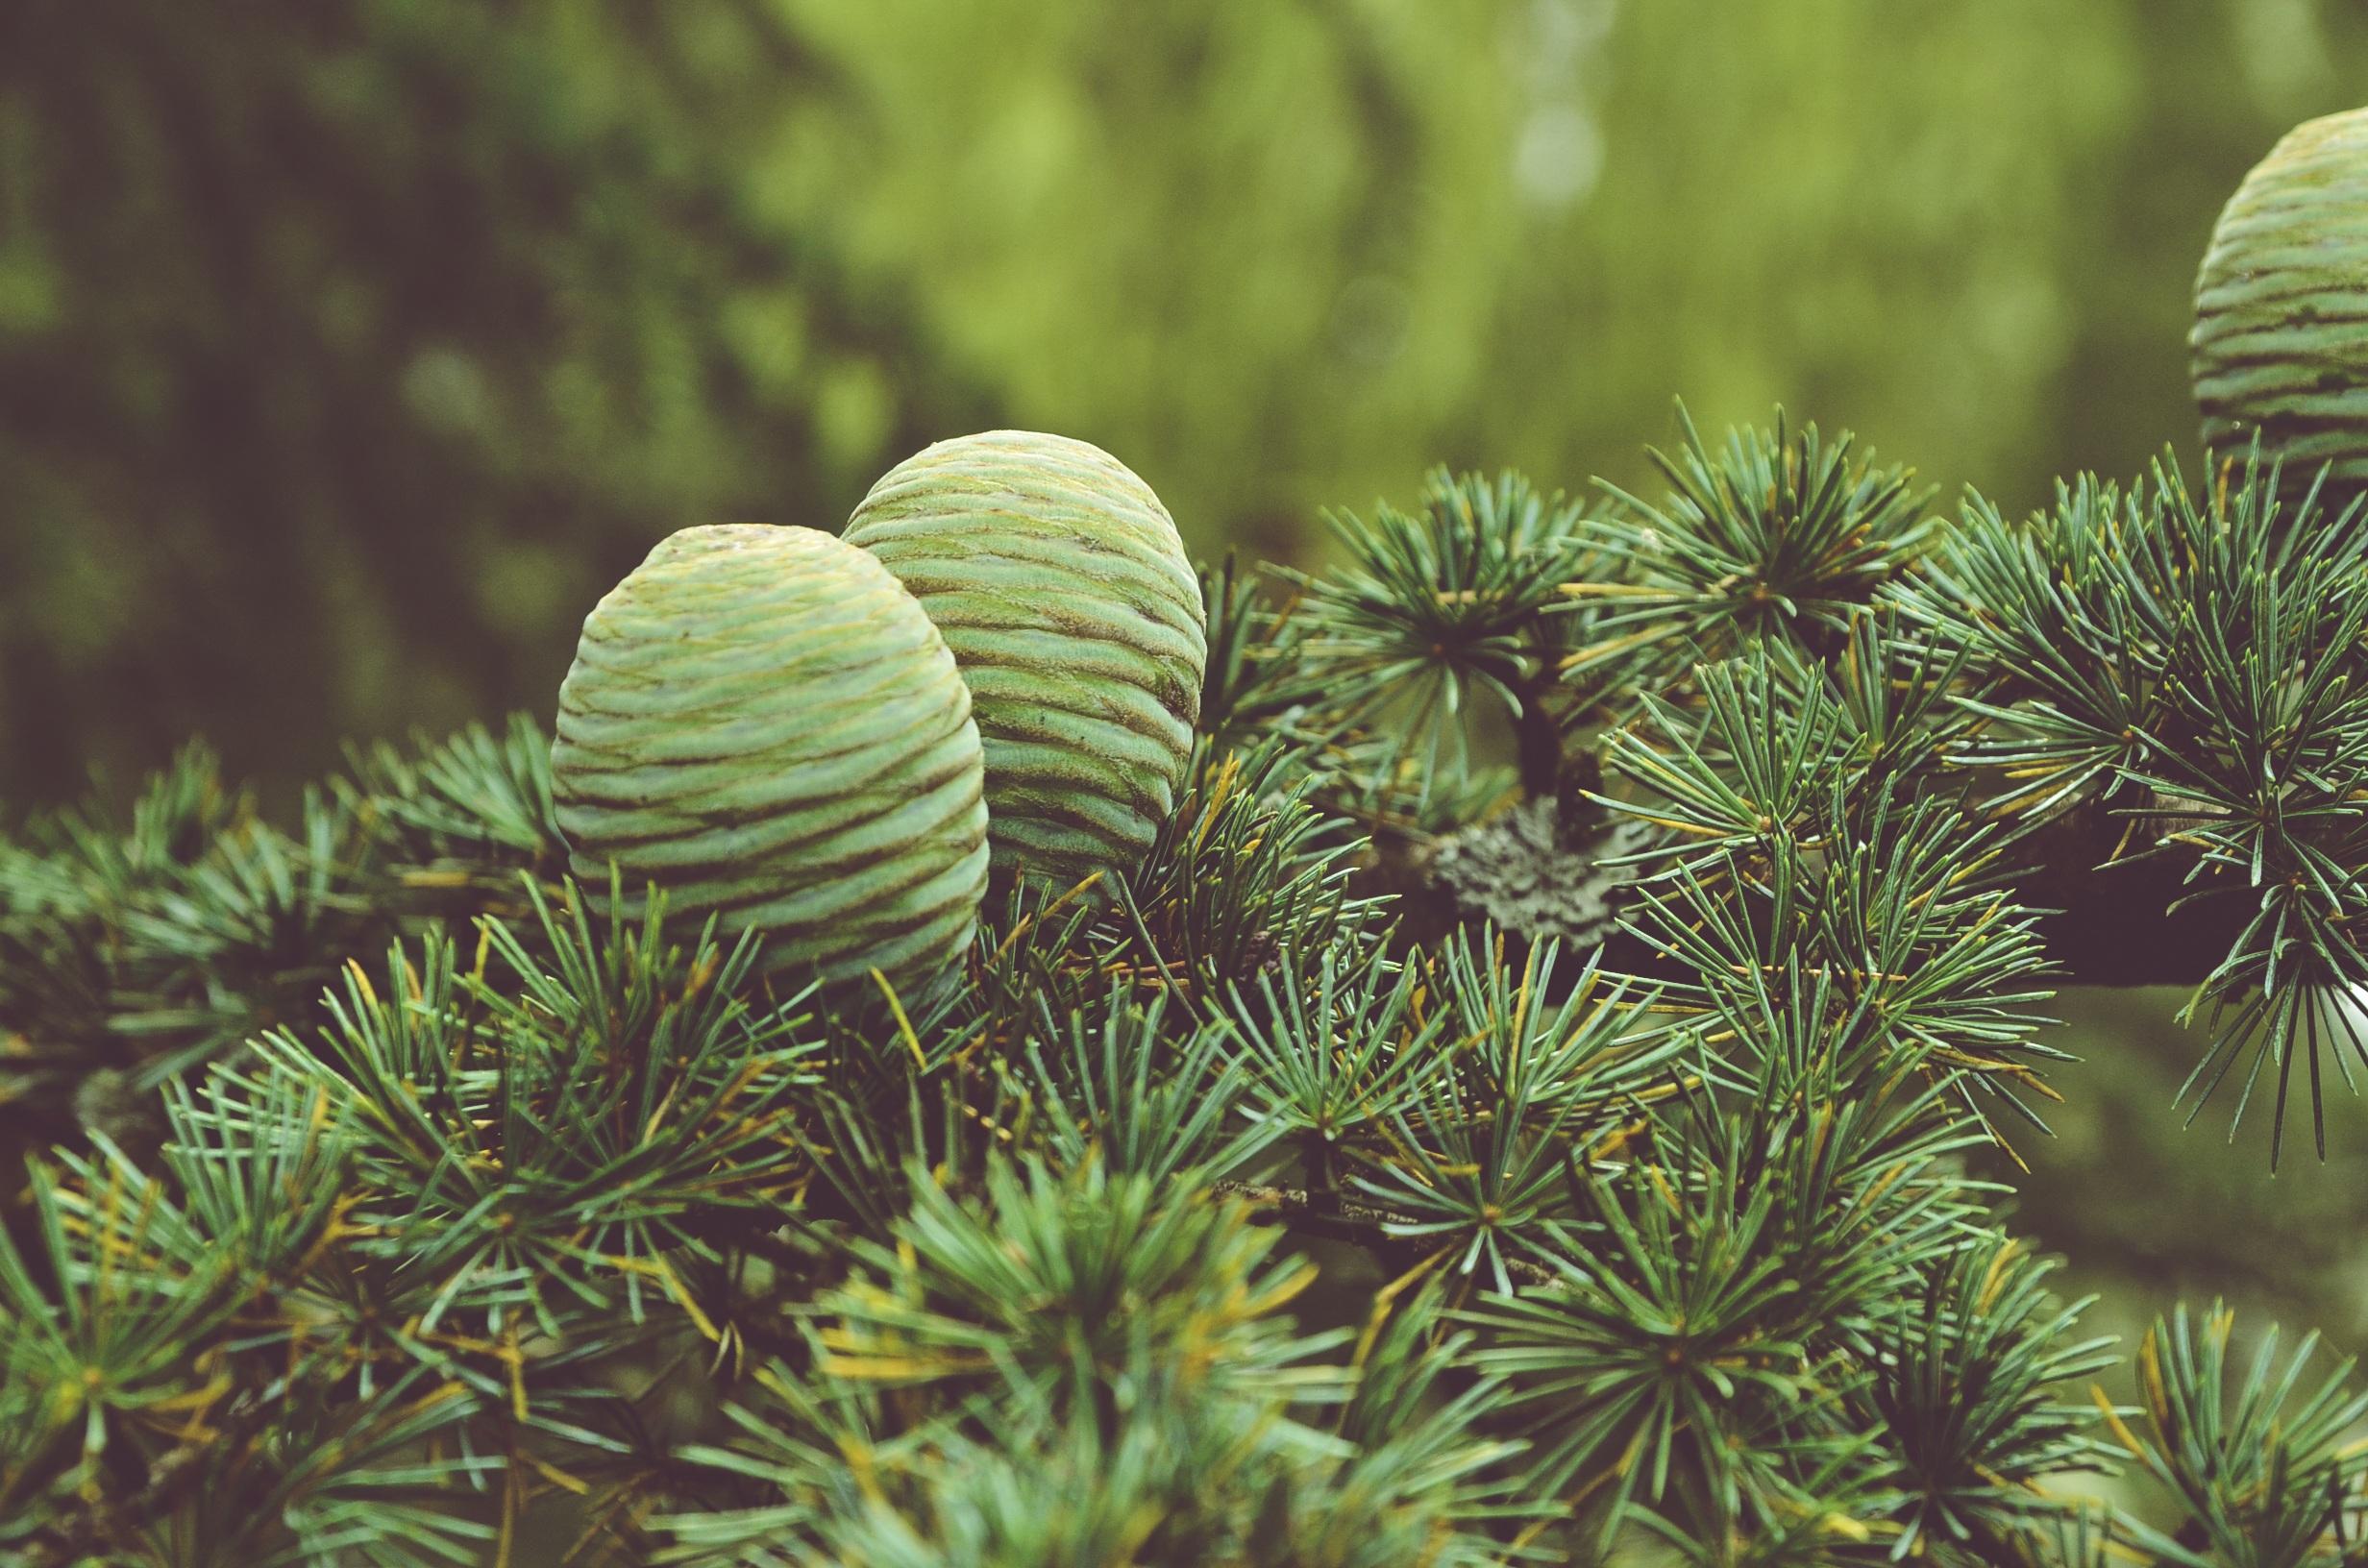 104064 скачать обои Природа, Шишки, Дерево, Хвоя - заставки и картинки бесплатно